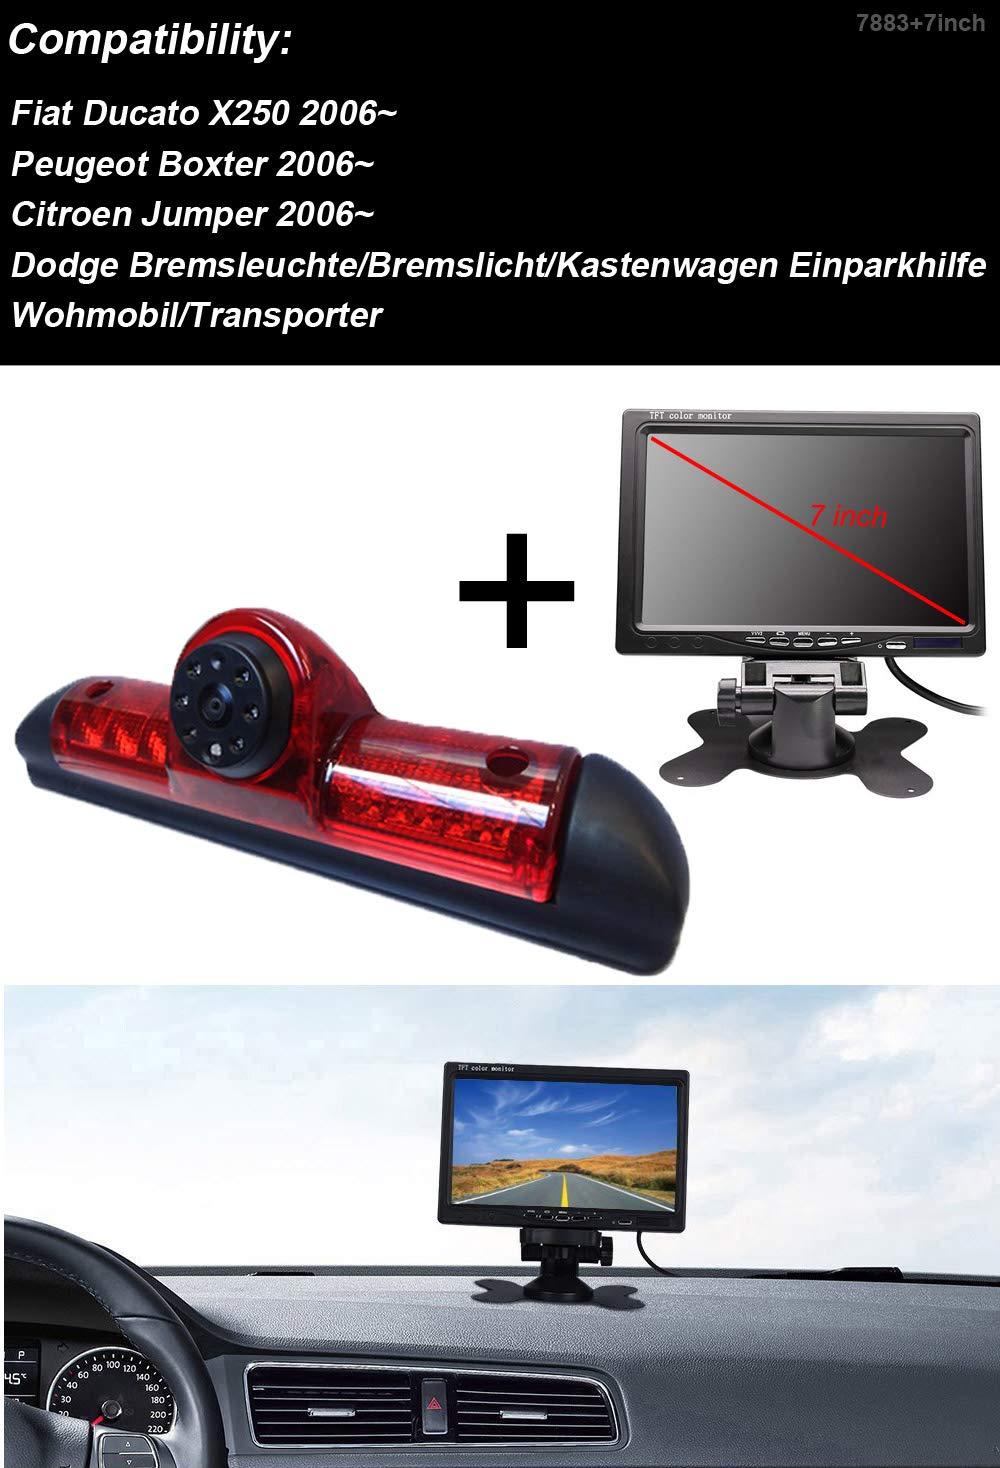 Telecamera per retromarcia Transportster+7 pollici TFT LCD monitor auto monitor in 3 luci freno luce freno adatto per Ducato X250//Peugeot Boxter//Citroen Jumper